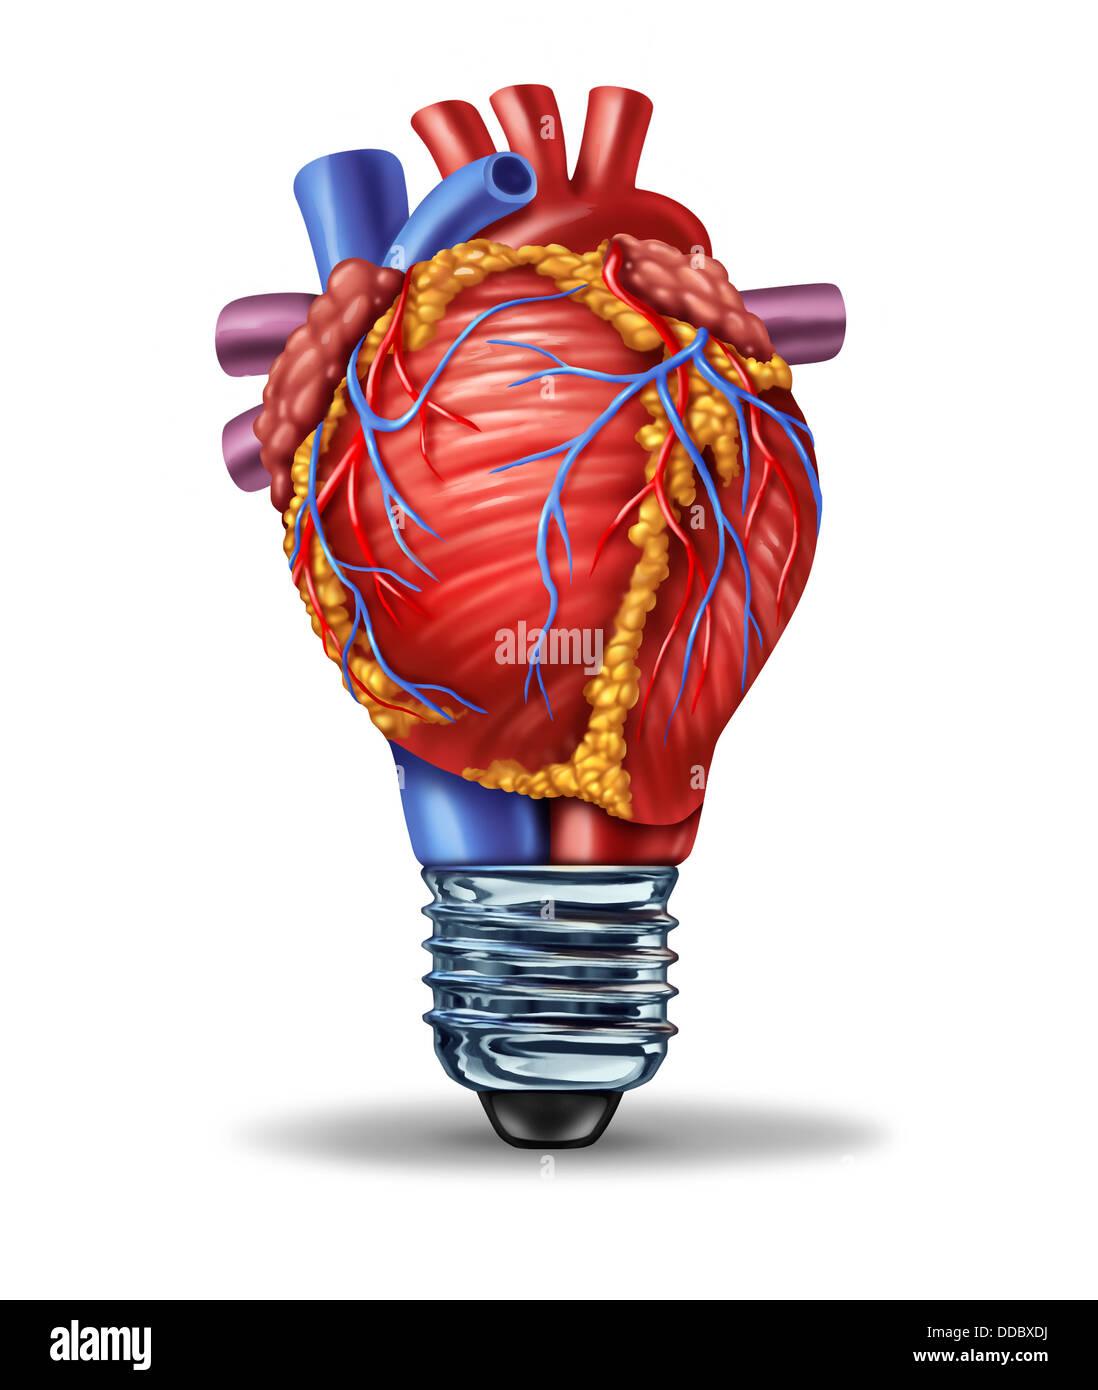 Herz-Gesundheit-Ideen und neuen Herz-Kreislauf-Forschung-Innovation ...